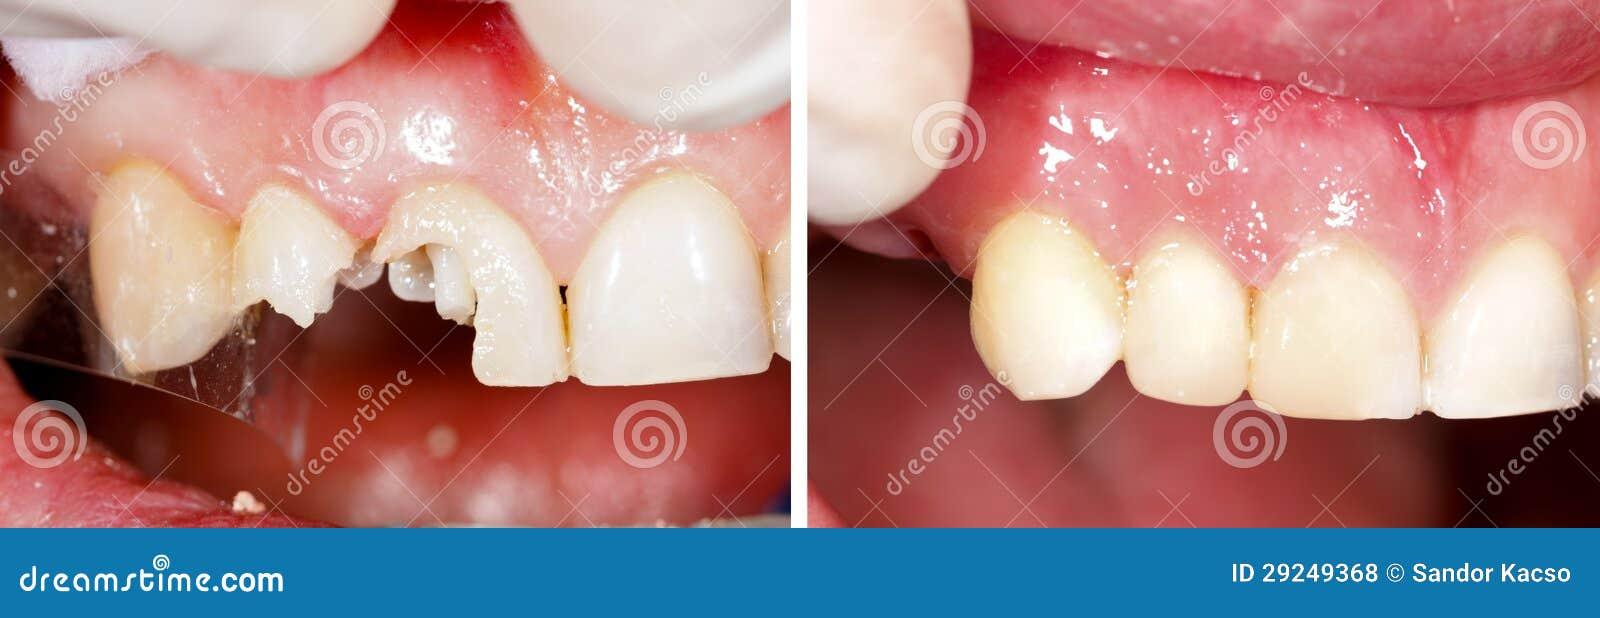 Download Enchimento Destructed Dos Dentes Foto de Stock - Imagem de dentadura, fratura: 29249368